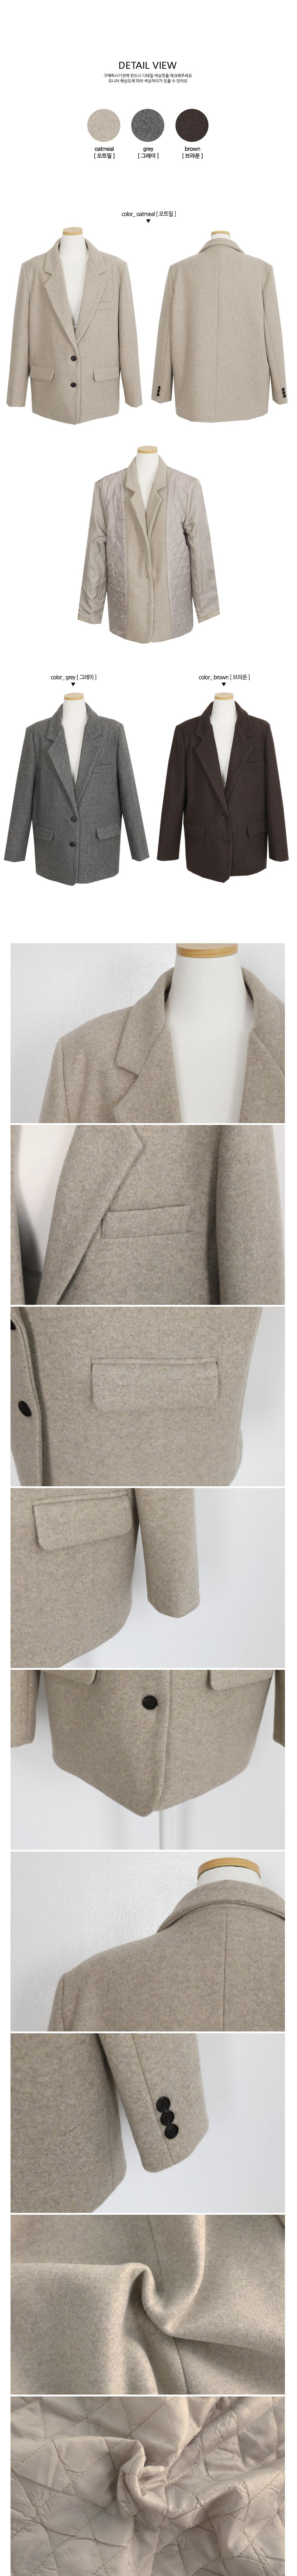 混羊毛墊肩內絎縫西裝外套